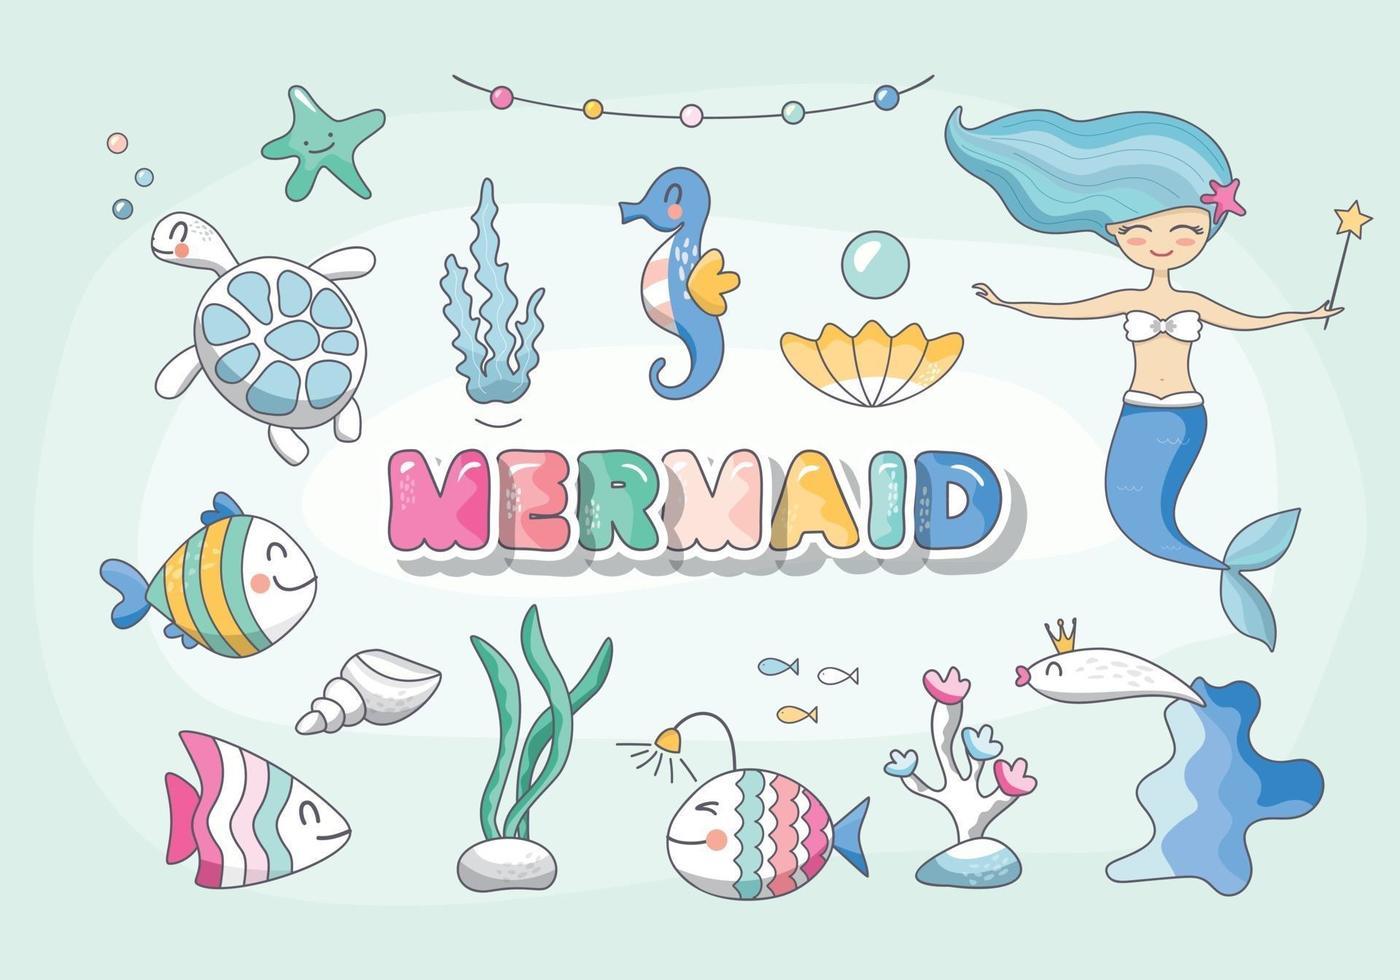 süße Meerjungfrau, Seezeichen und Pflanzen gesetzt. Cartoon Meerestiere Geburtstag Sammlung für Mädchen. Vektor